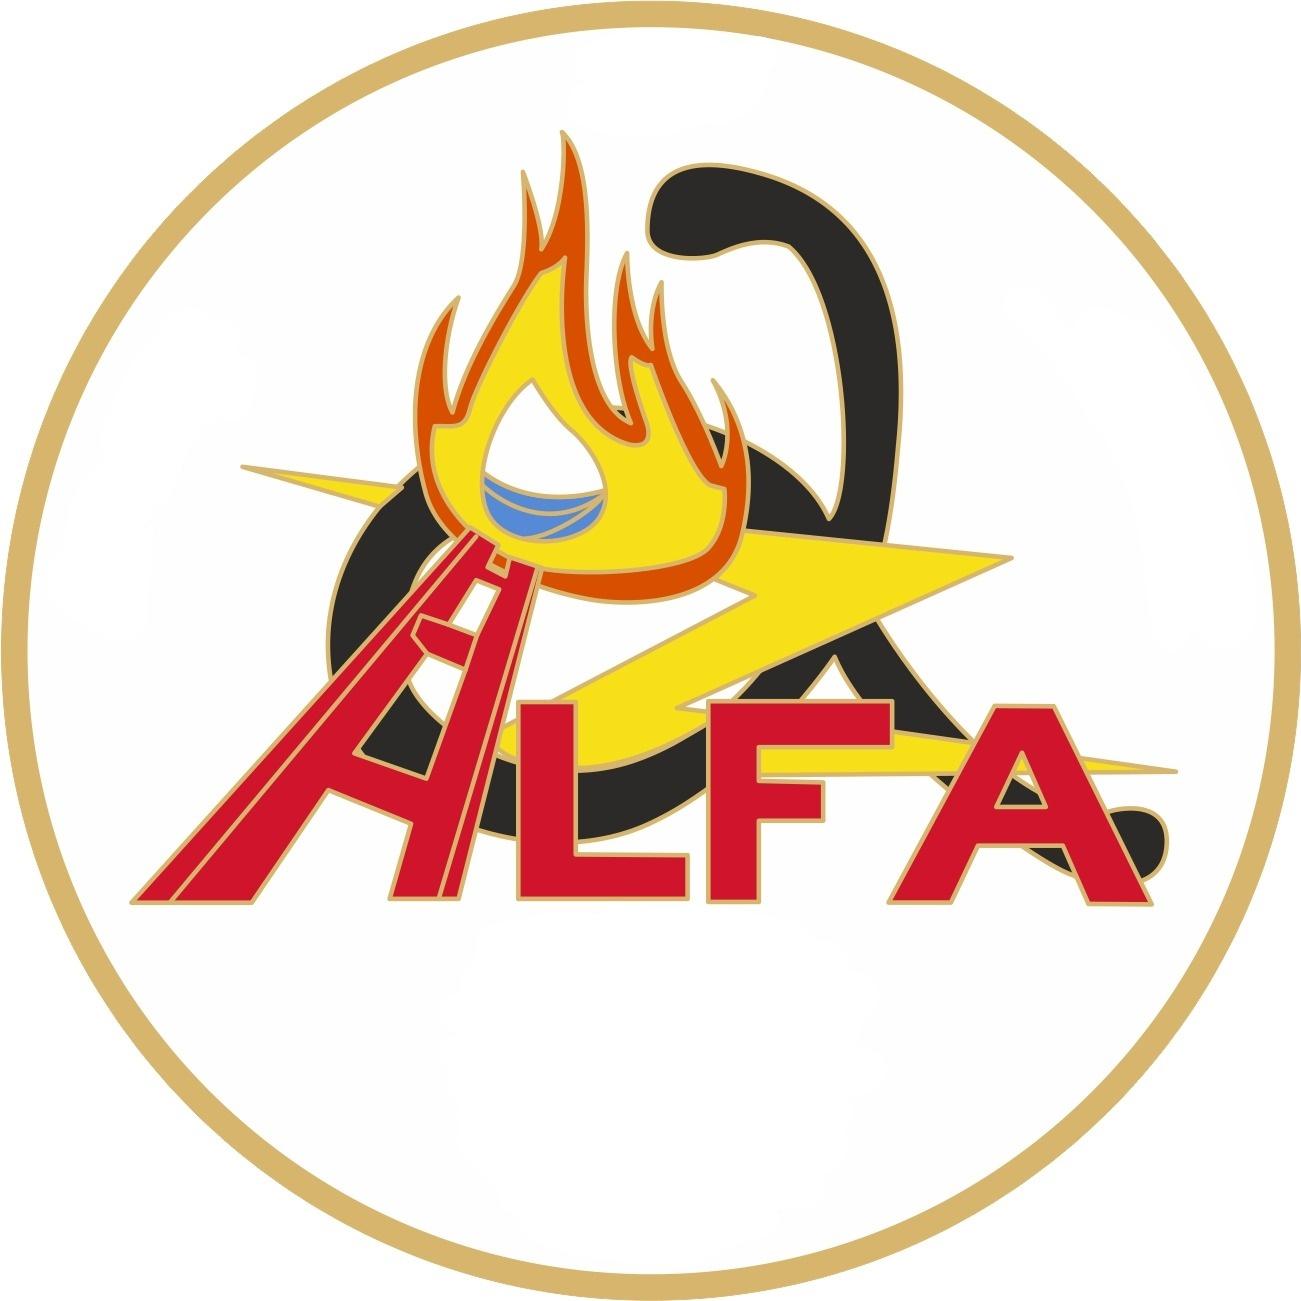 ALFA – Associazione Volontari Protezione Civile Aprilia